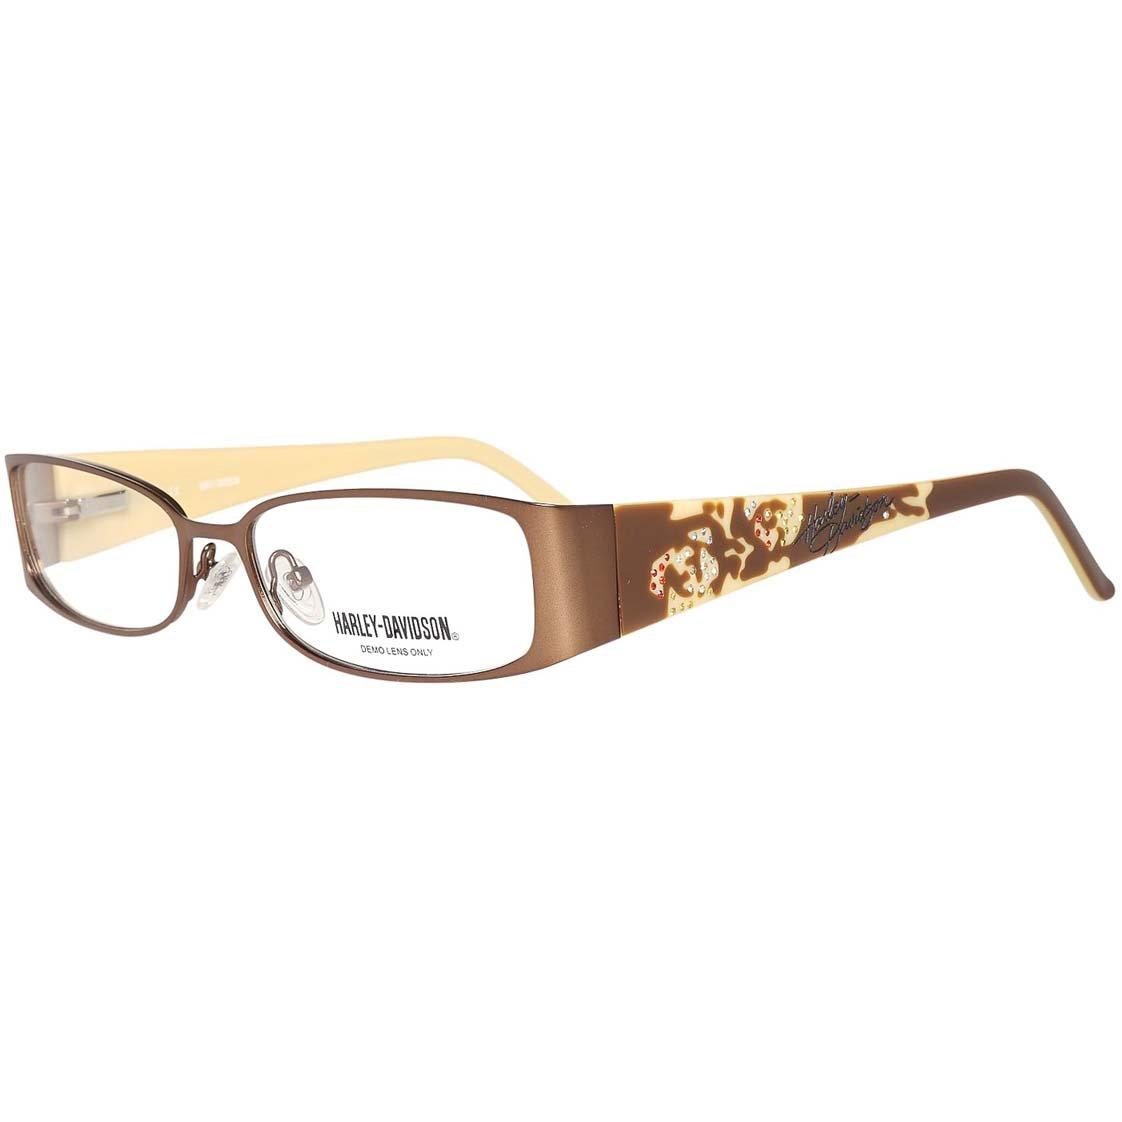 Harley Davidson Damen Brillengestelle Brille E-HDV-388-BRN, Braun, 54